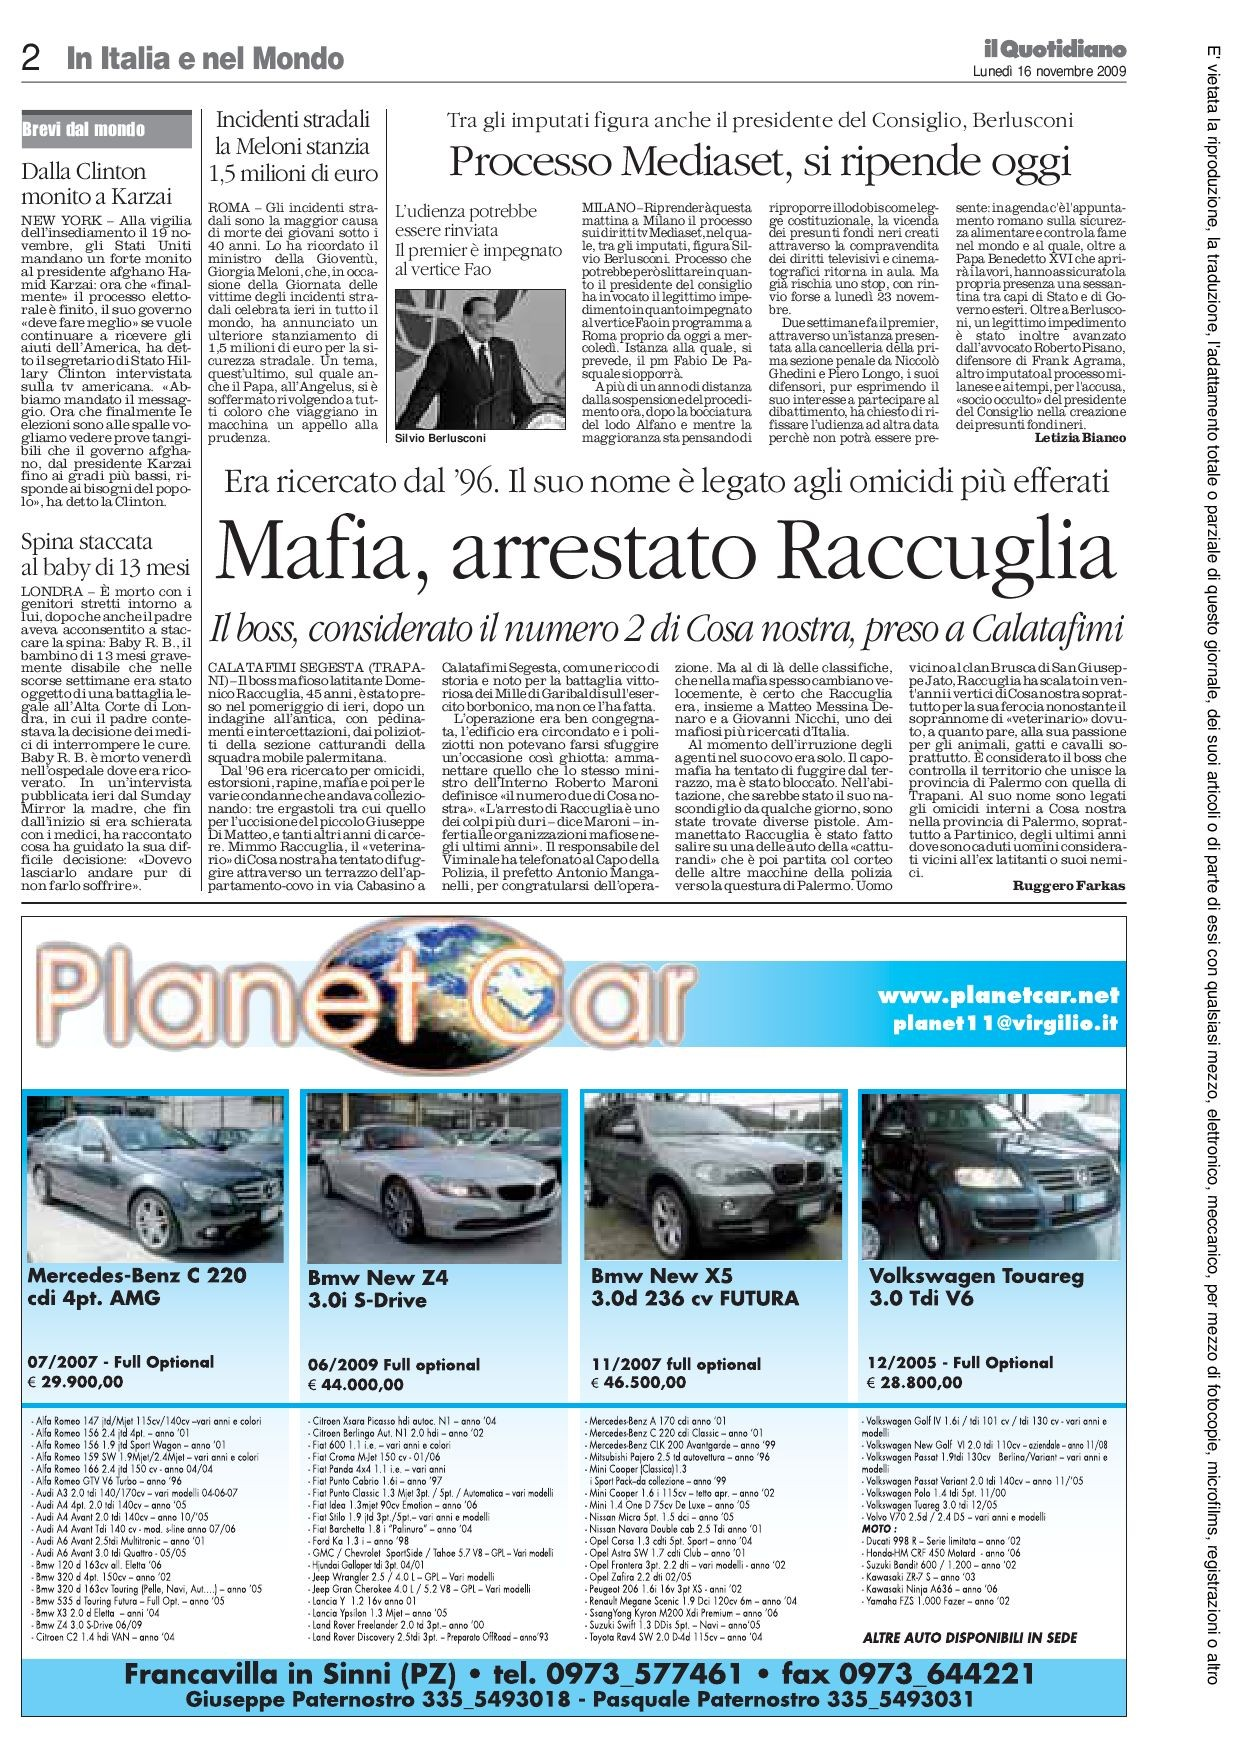 Calendario 2019 Juve Mejores Y Más Novedosos Qb by Antonio Carlucci issuu Of Calendario 2019 Juve Más Recientemente Liberado Giovedi 17 Settembre 2009 Roma Stadio Olimpico Lazio Red Bull